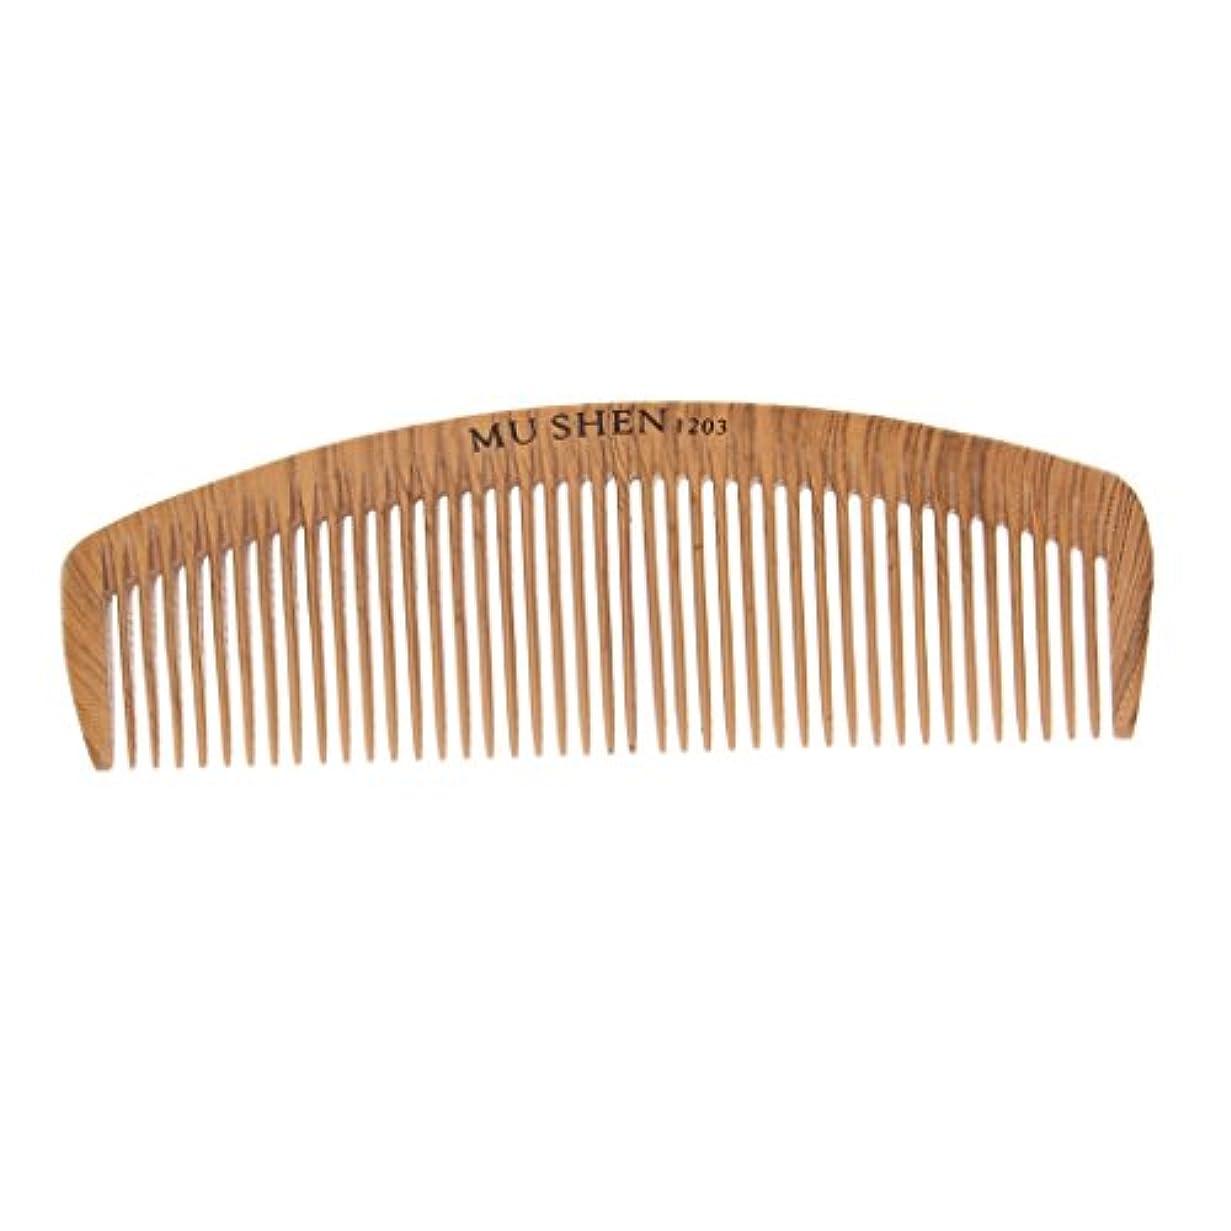 上記の頭と肩不愉快ライラック帯電防止ウッドサロン床屋ヘアスタイリング理髪切削くしヘアブラシ - 1203